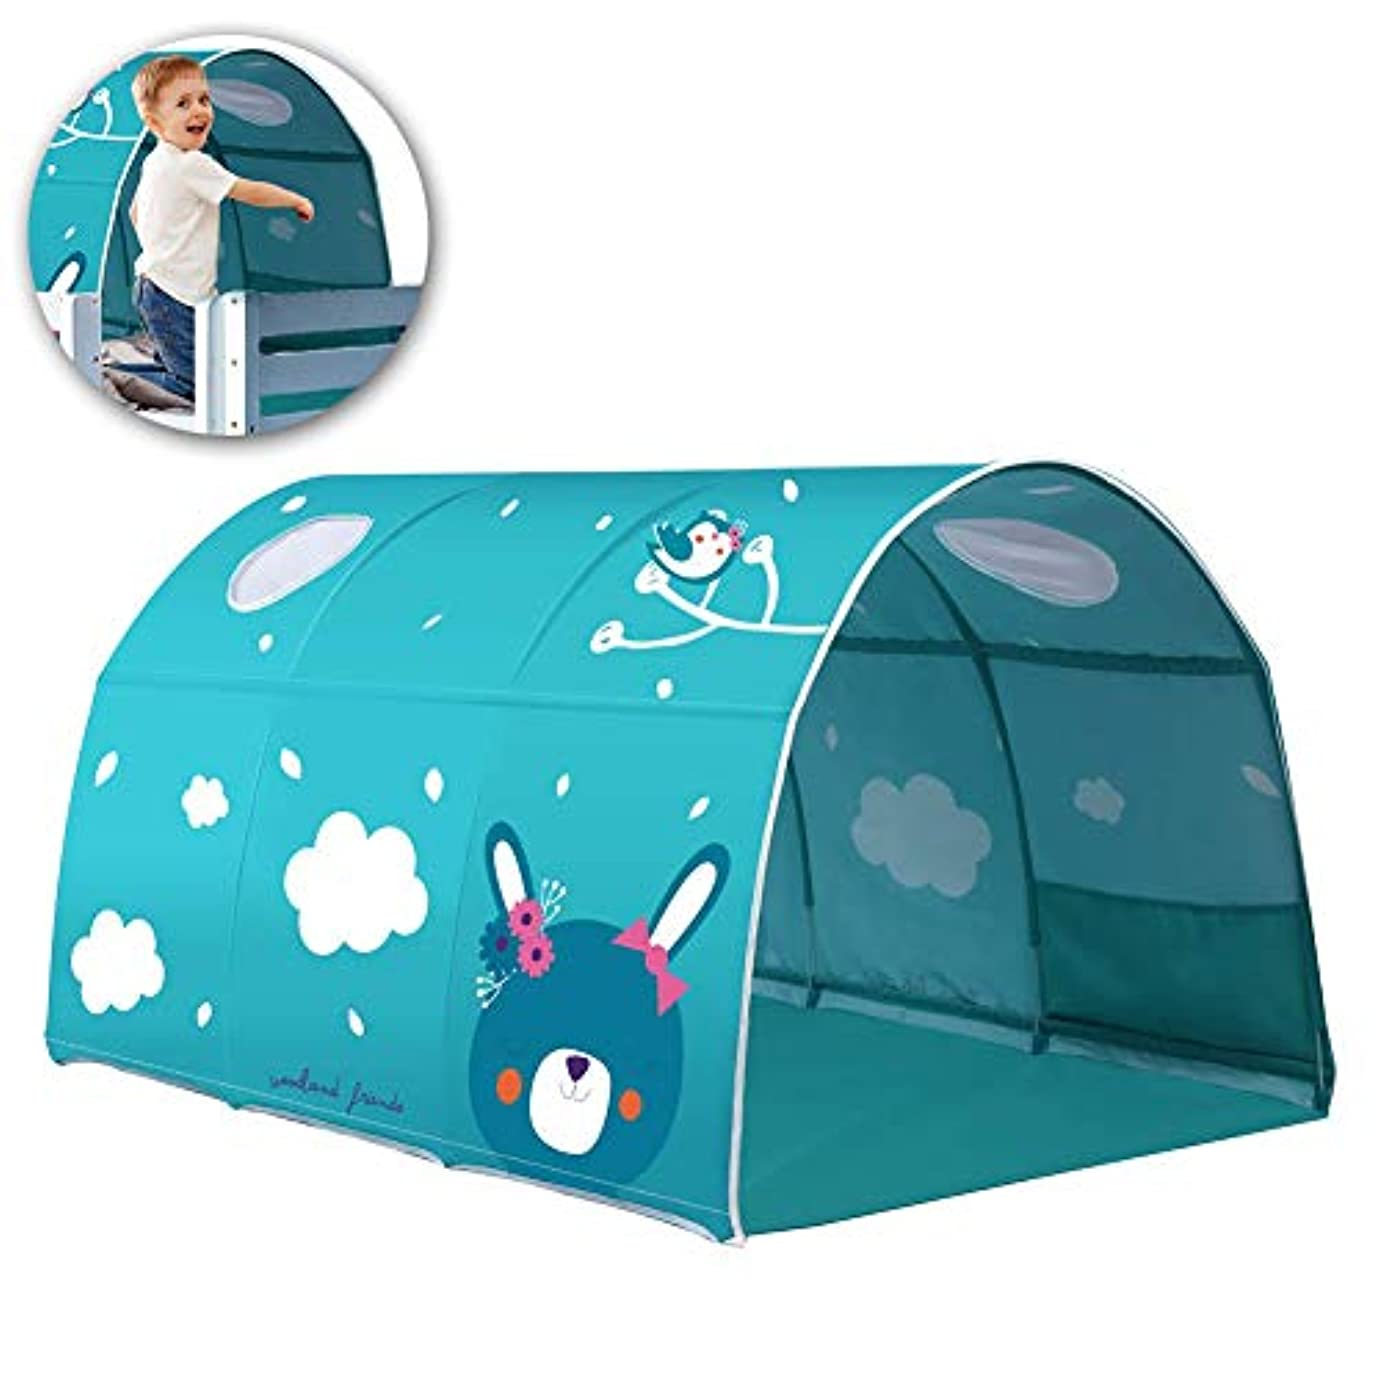 ベーコン値下げに渡って子供用のトンネルテント、子供用のプレイベッドテント、子供用のベッドトンネルテントロフト二段ベッド、90?100 cmのベッド幅に適した、少年のプレイハウス、プリンセスベッドのゲームハウス、かわいいうさ